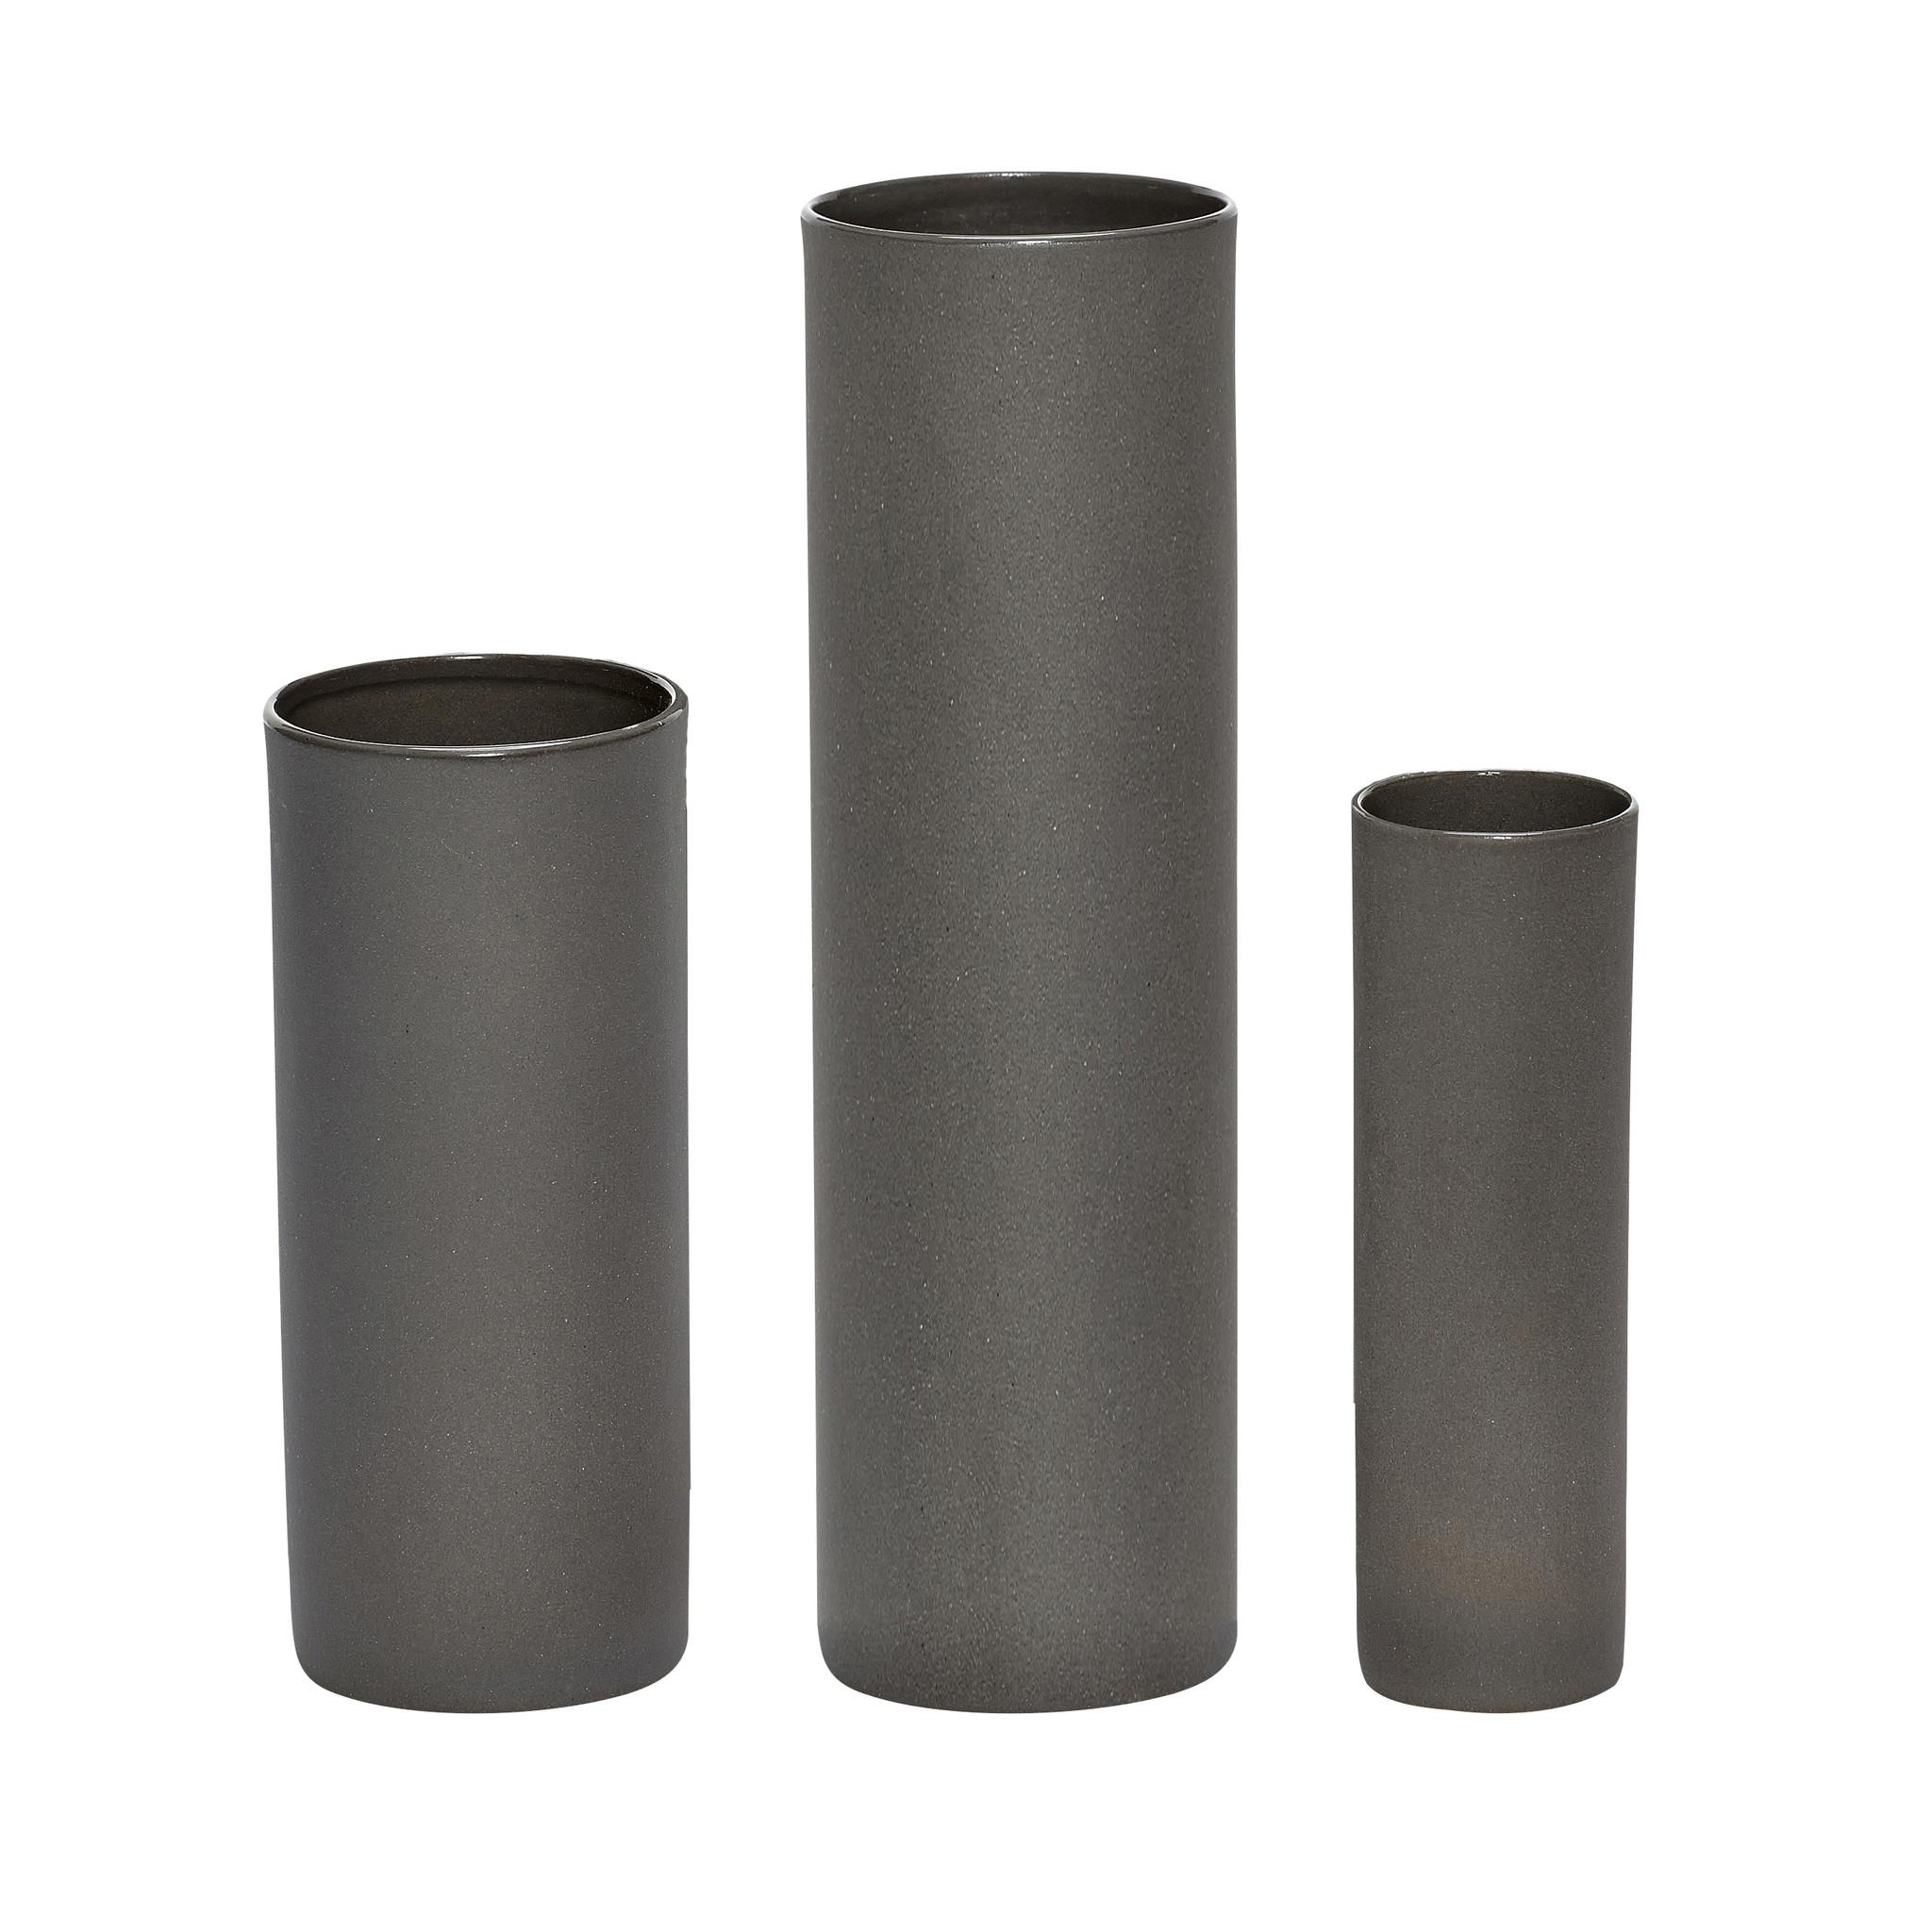 Hubsch Vaas, porselein, grijs, set van 3